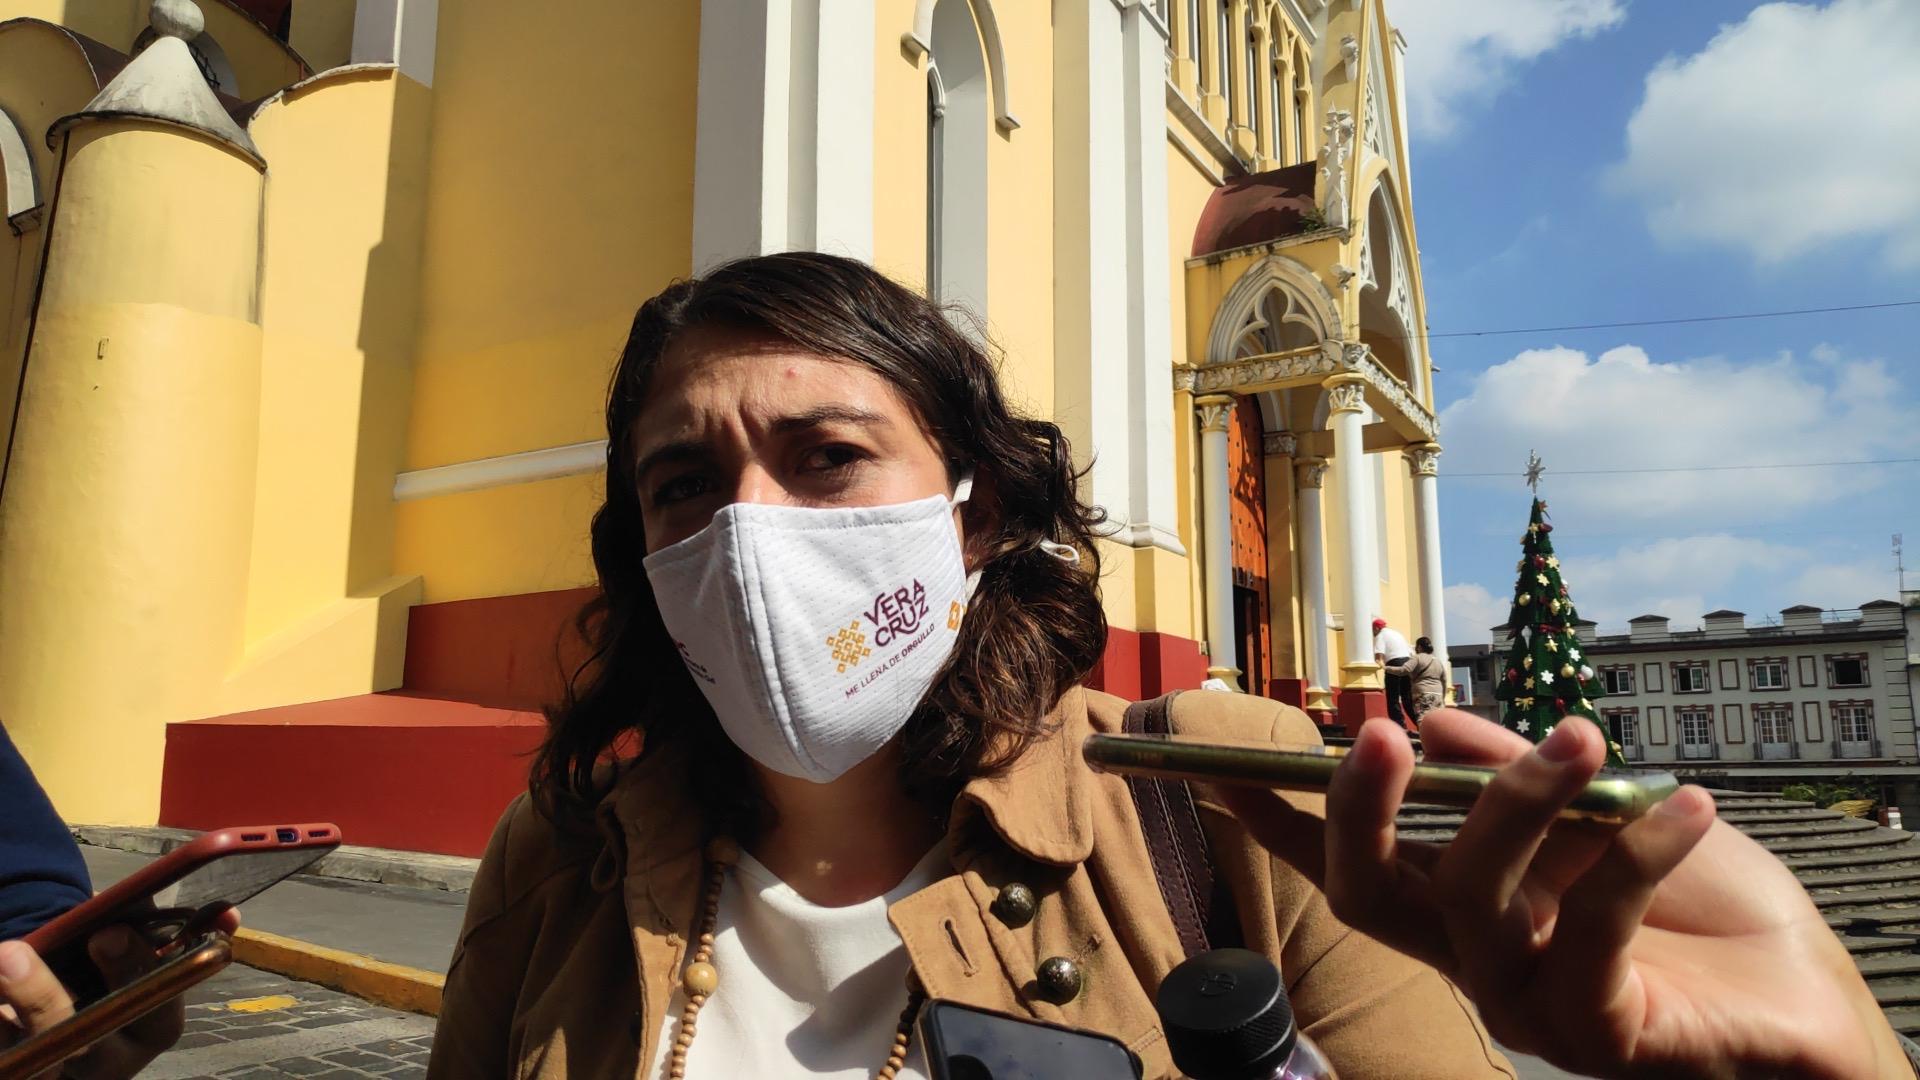 Comisión de Búsqueda se hará cargo de búsqueda de desaparecido en Los Tuxtlas